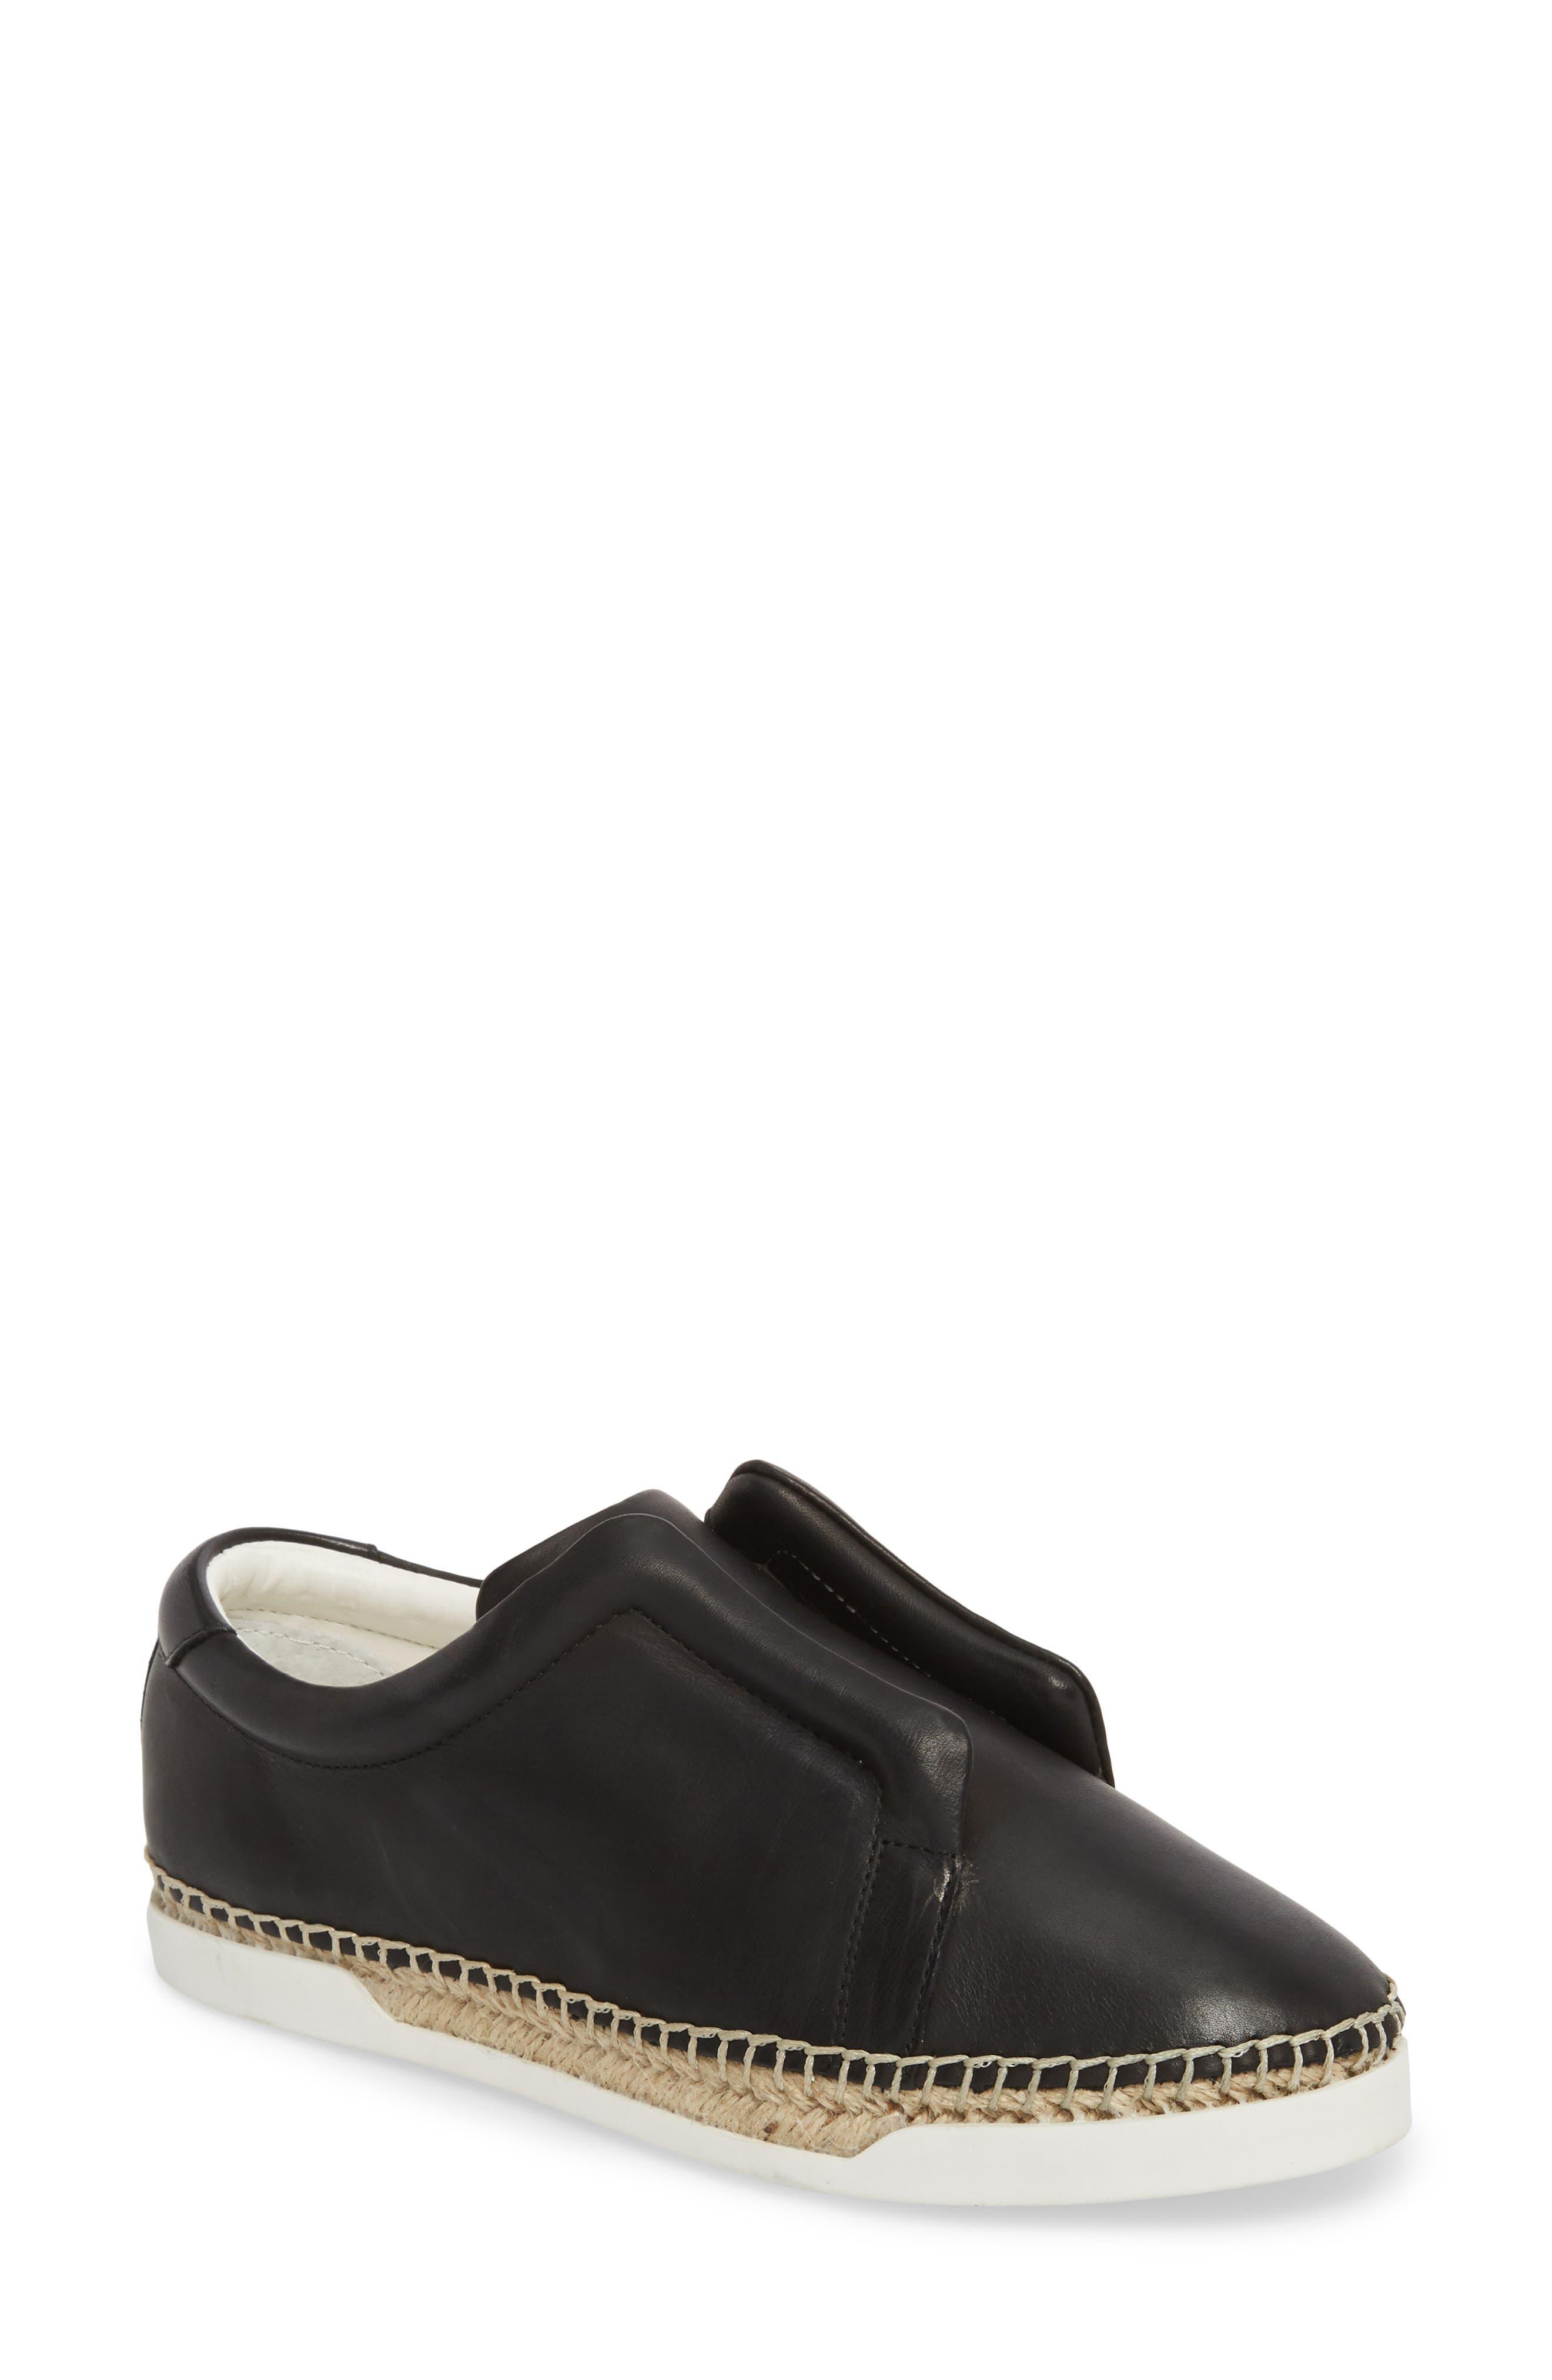 M4D3 Elizabeth Espadrille Slip-On Sneaker,                         Main,                         color, BLACK LEATHER